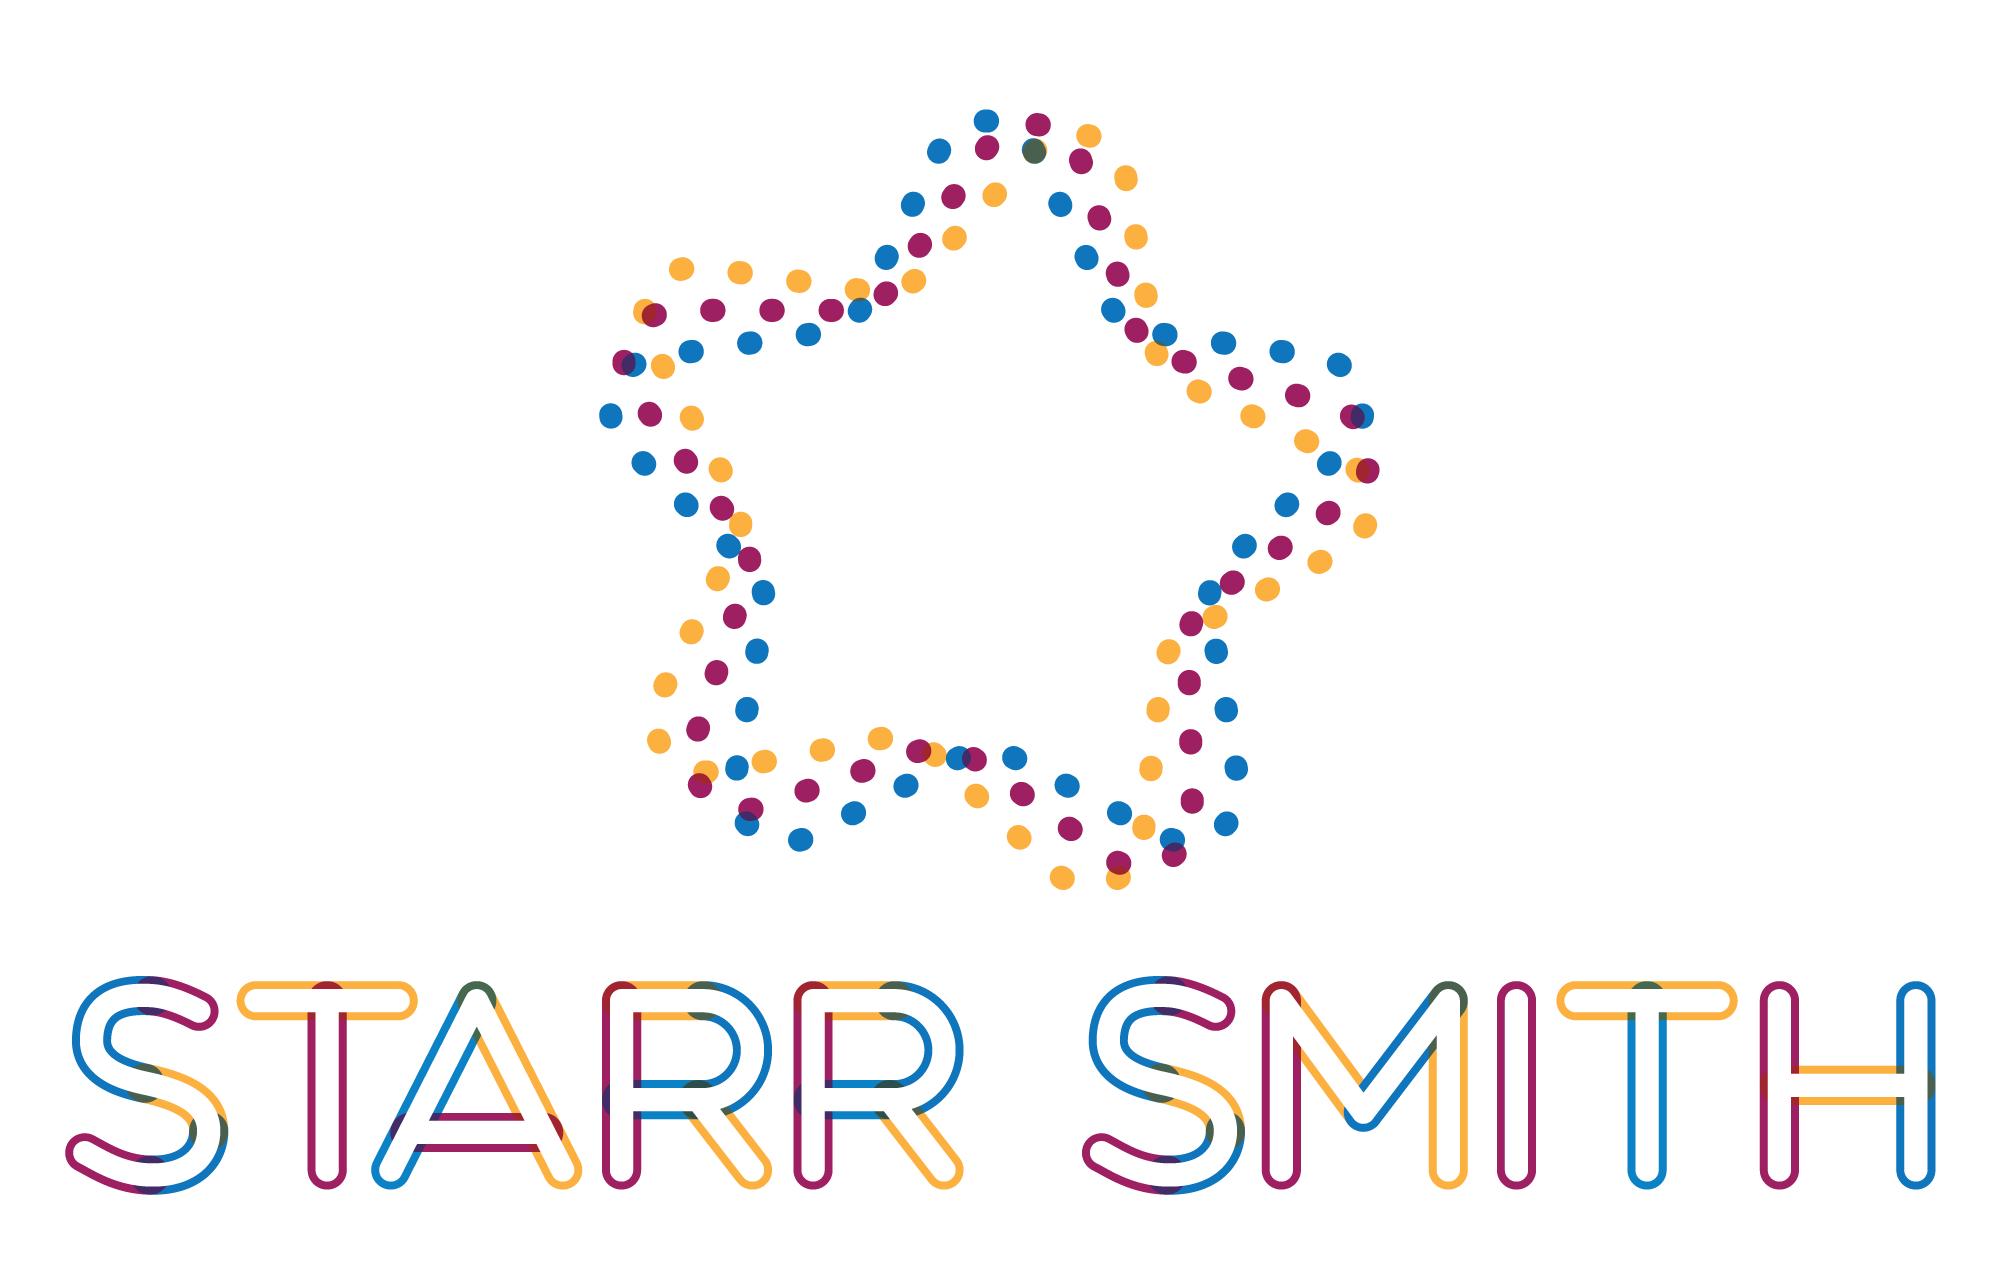 Starr Smith